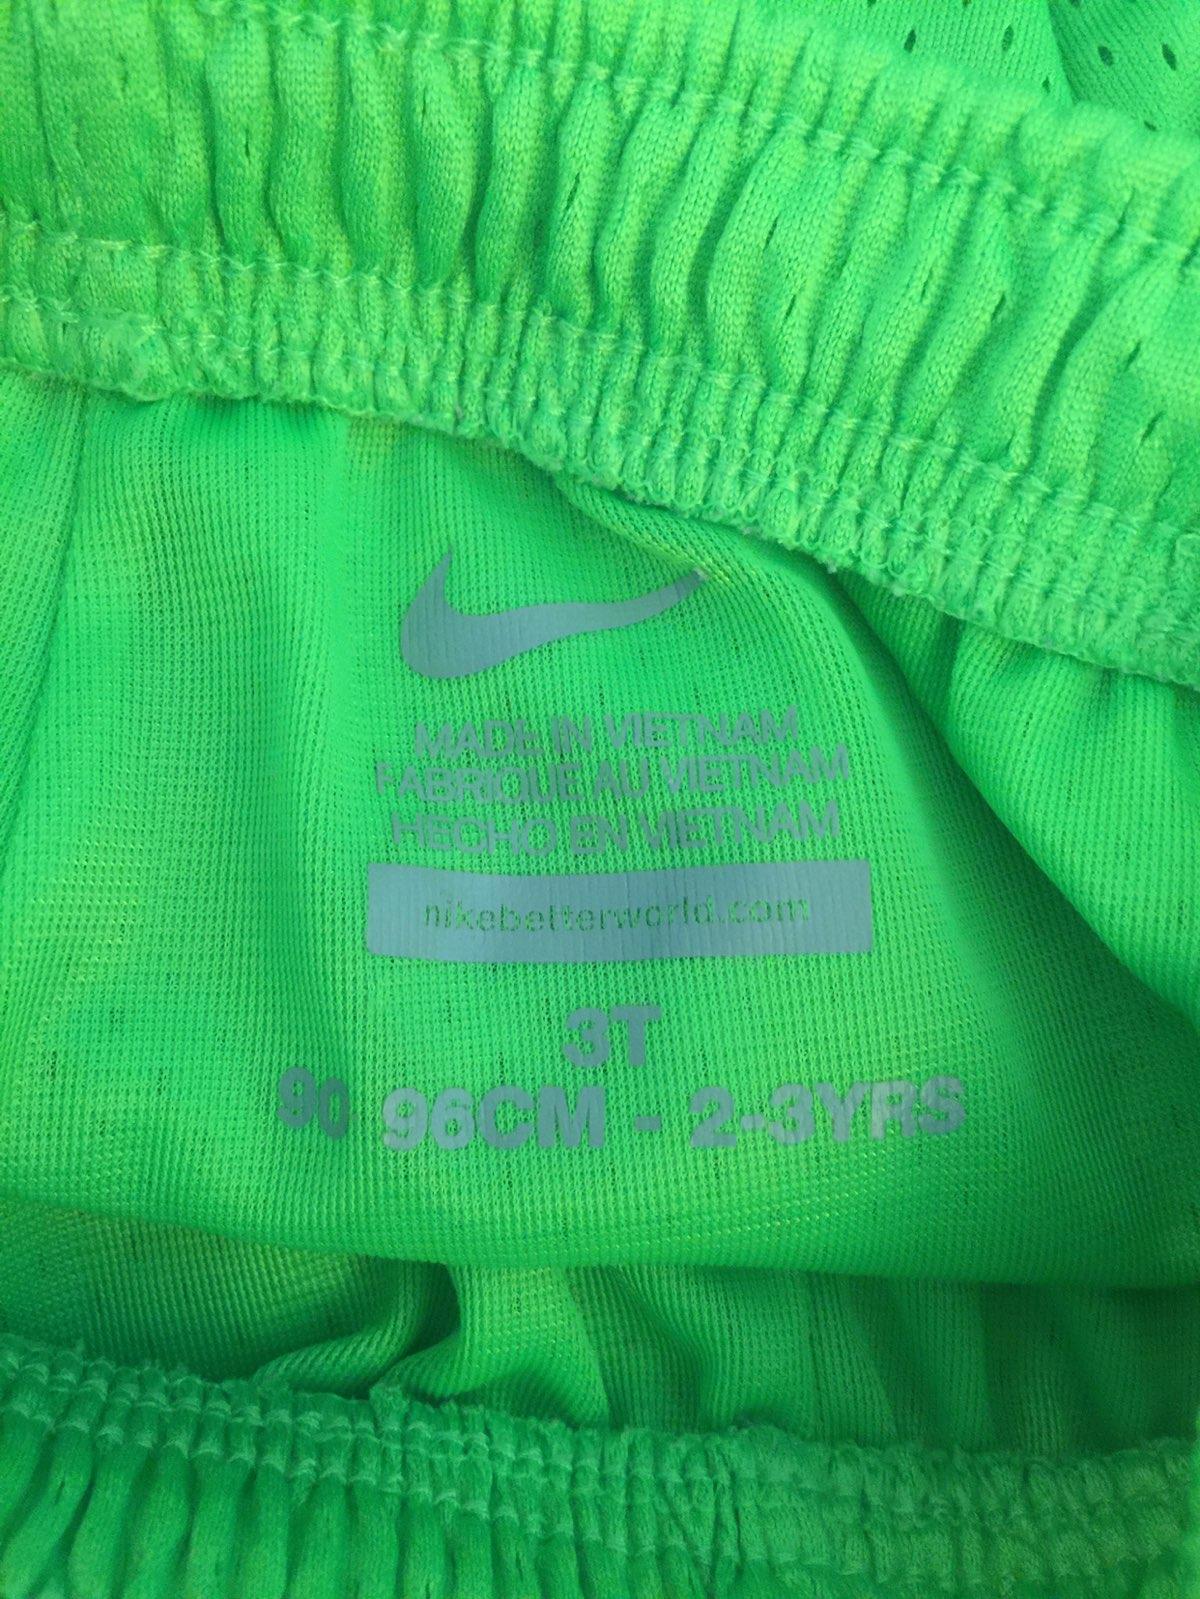 Nike Boys Size 3T Shorts